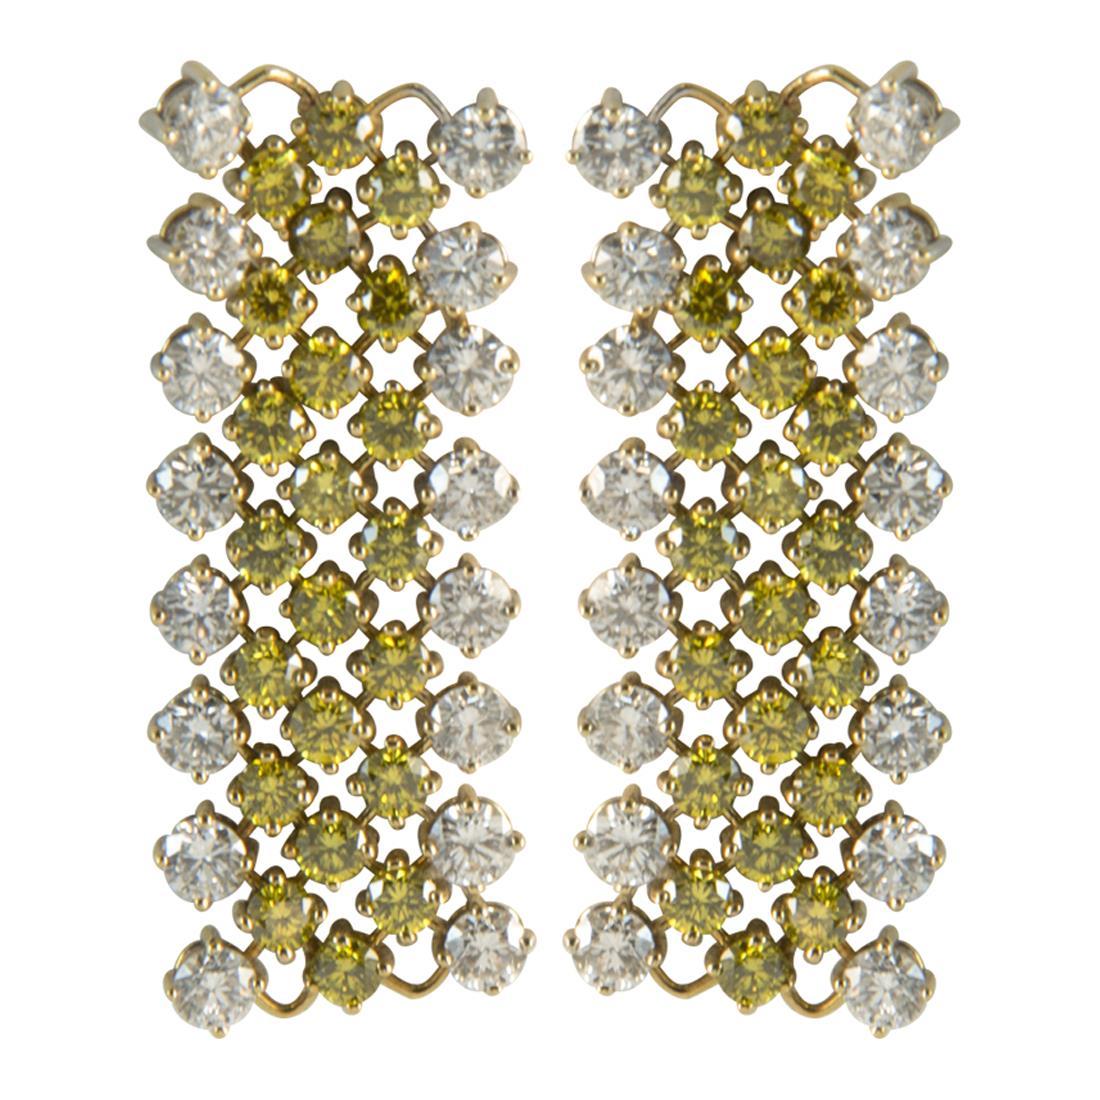 Orecchini in oro bianco con diamanti ct 3.85 e diamanti gialli ct 3.35 misura 6.00cm - ALFIERI ST JOHN